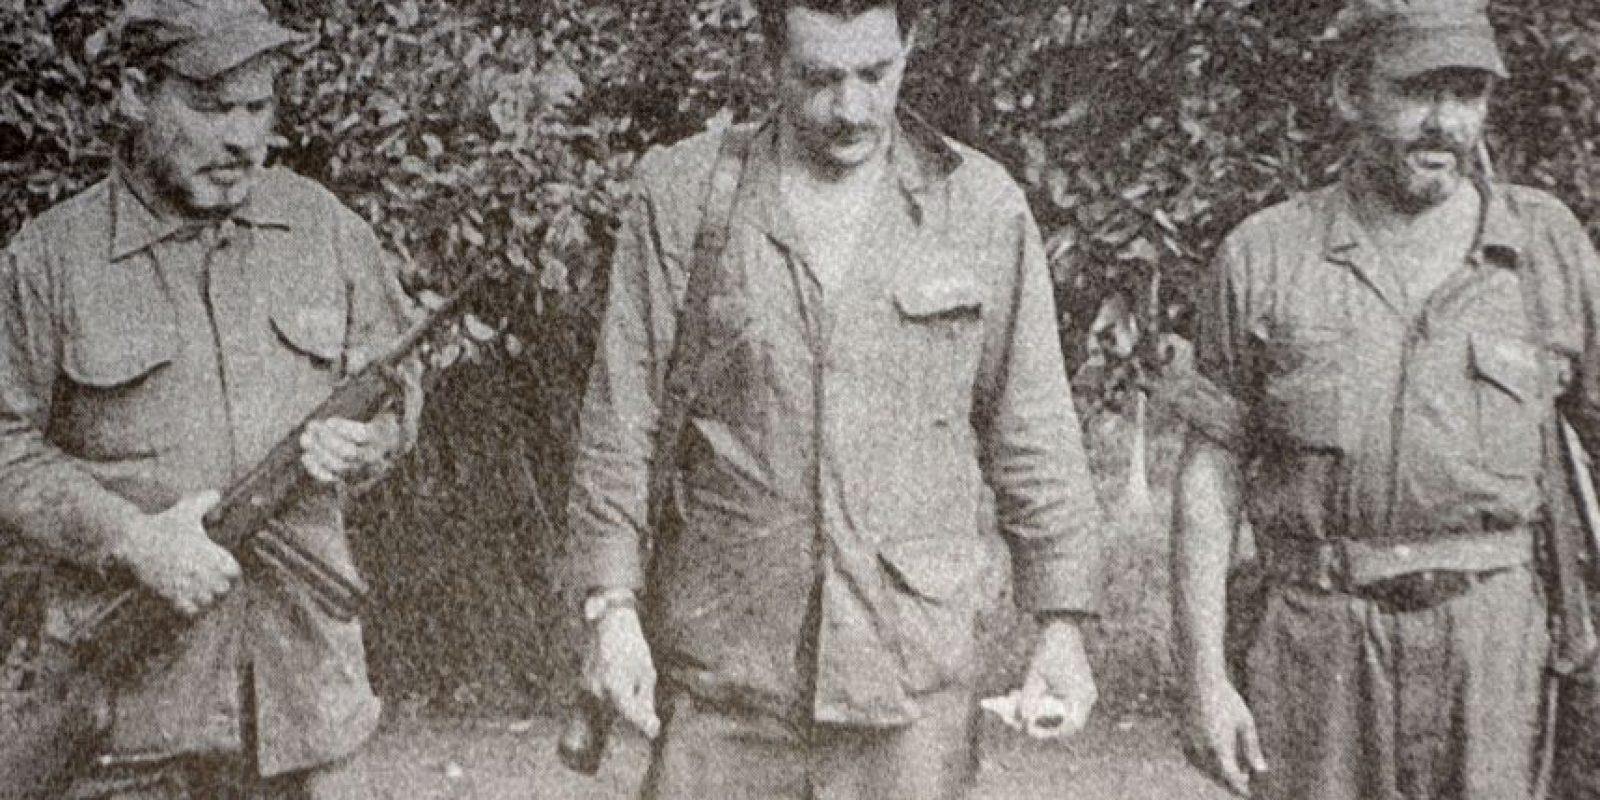 Parte de los expedicionarios mientras se entrenaban en Cuba. De izquierda a derecha, Virgilio Mainardi, José Luis Calleja Ochoa y Silín Mainardi. Foto:Fotos cortesía